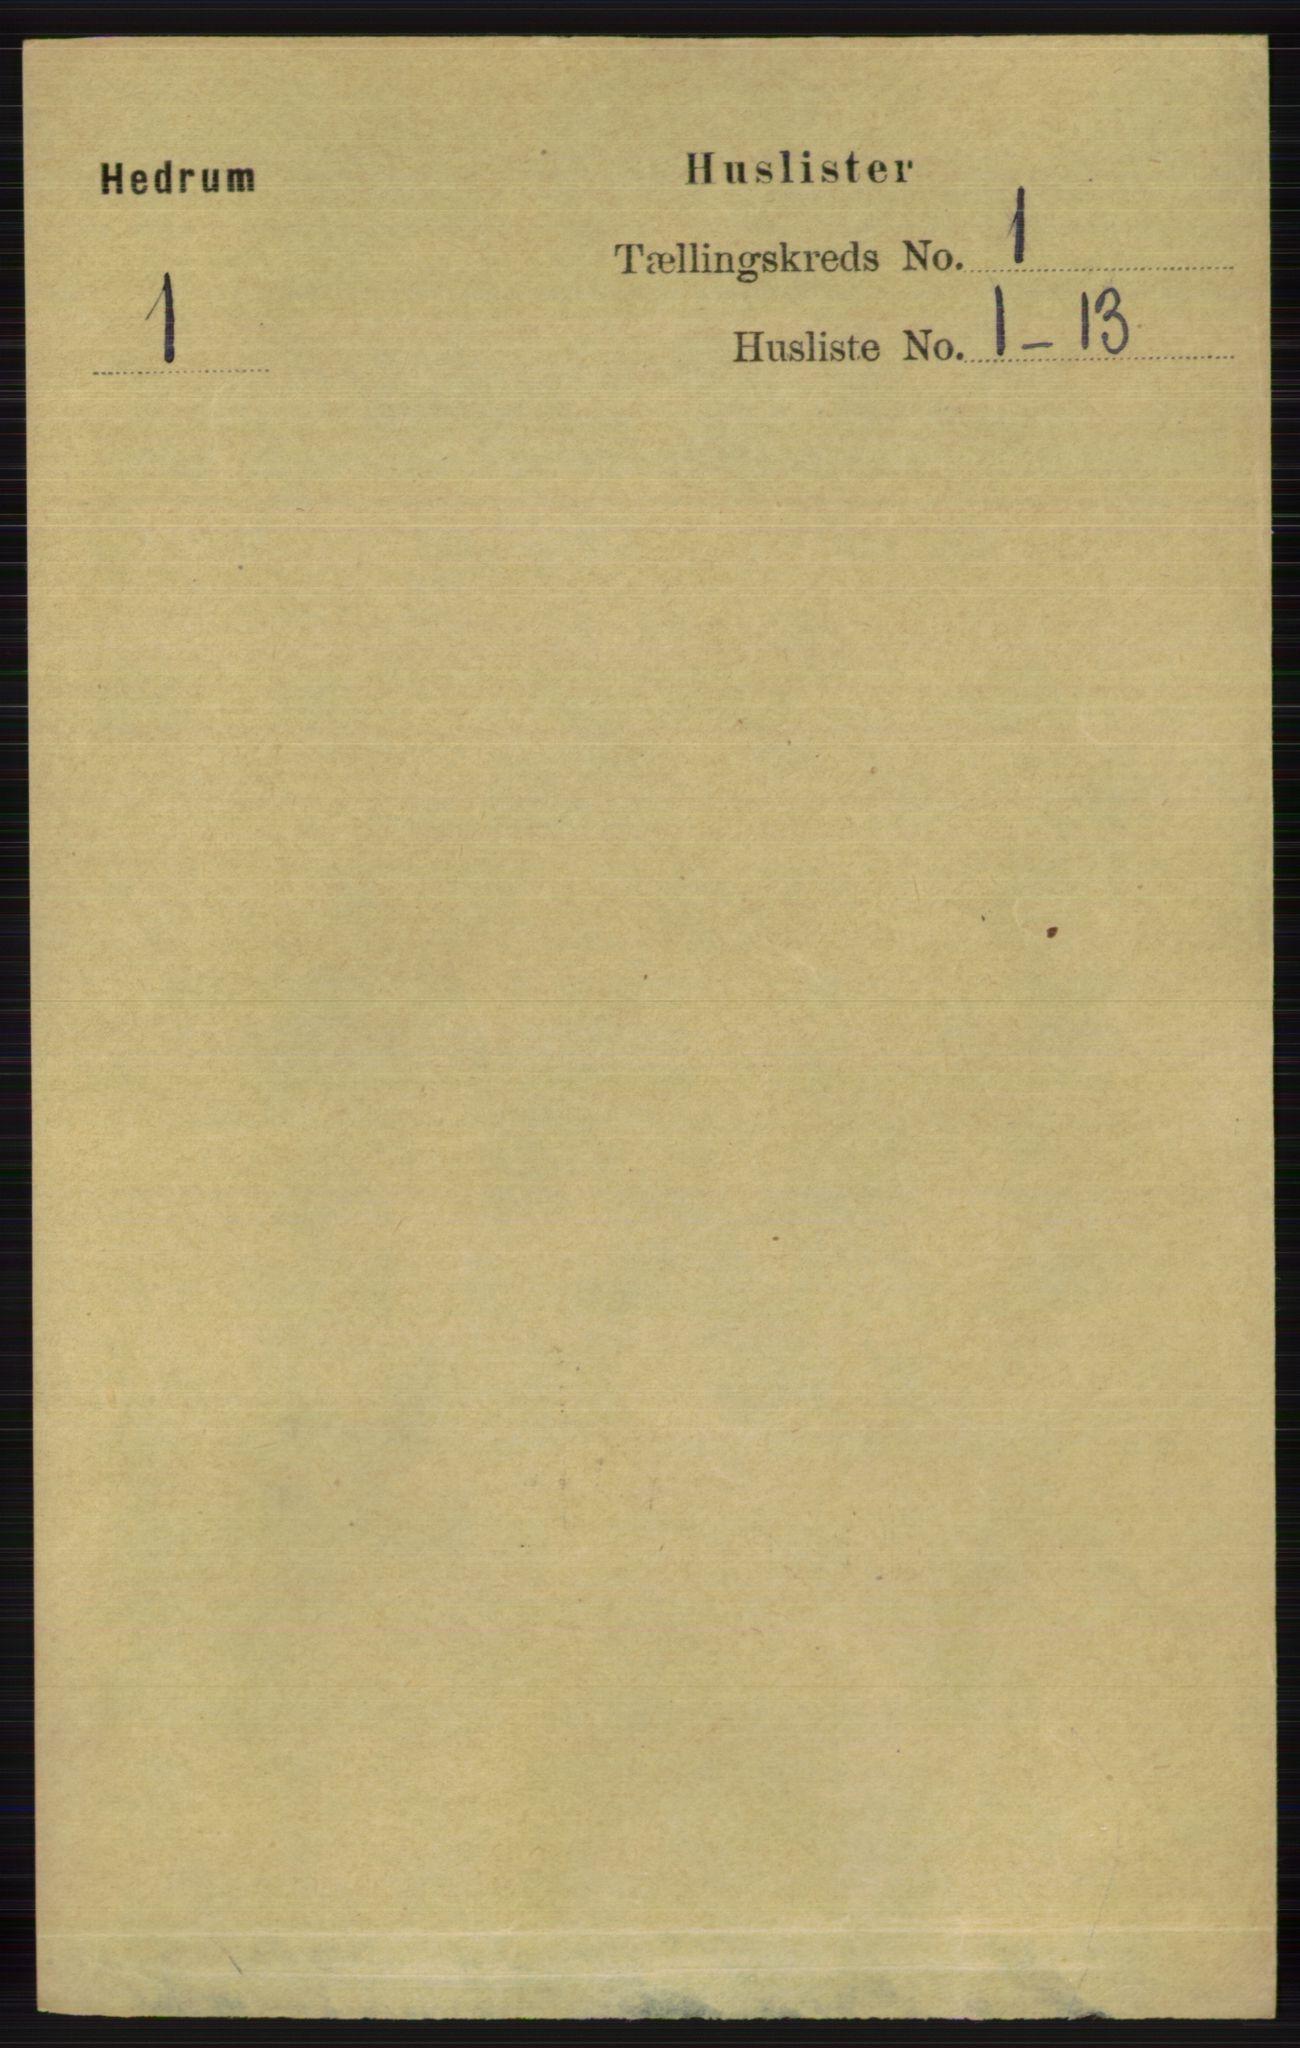 RA, Folketelling 1891 for 0727 Hedrum herred, 1891, s. 29